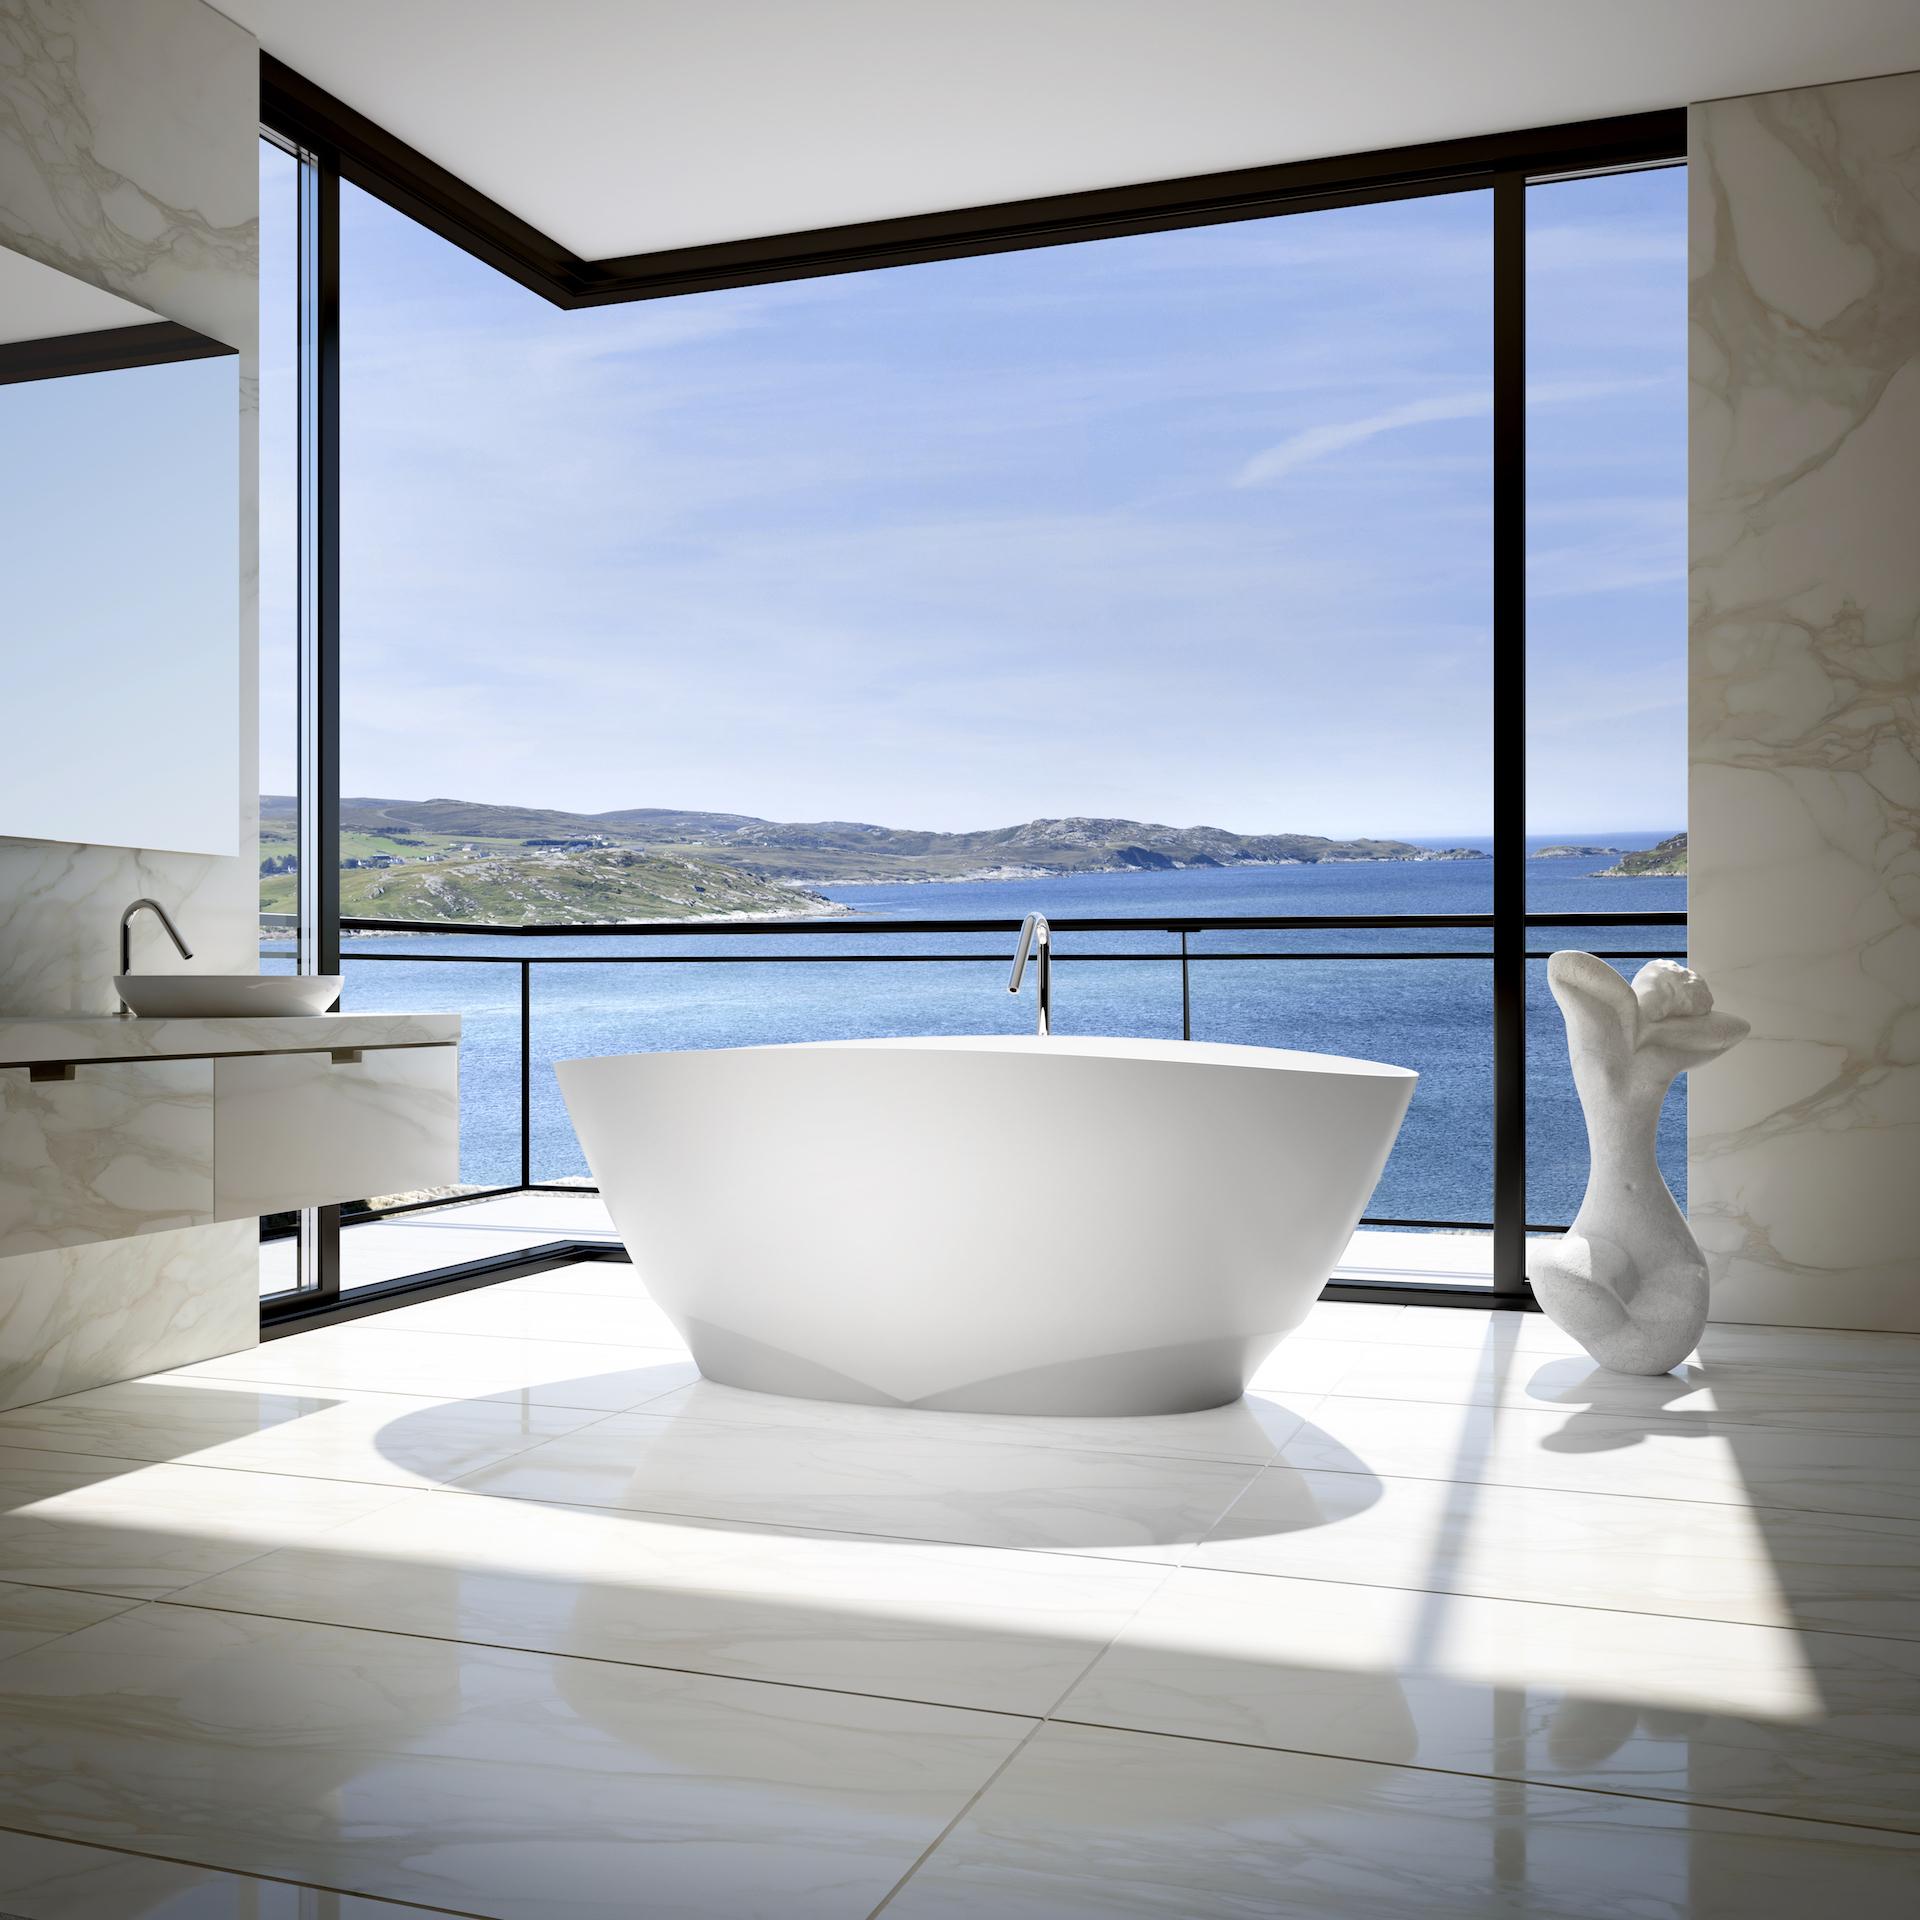 Kub Studio produit des images d'ambiance pour valoriser des produits tel cette baignoire de Bain Ultra